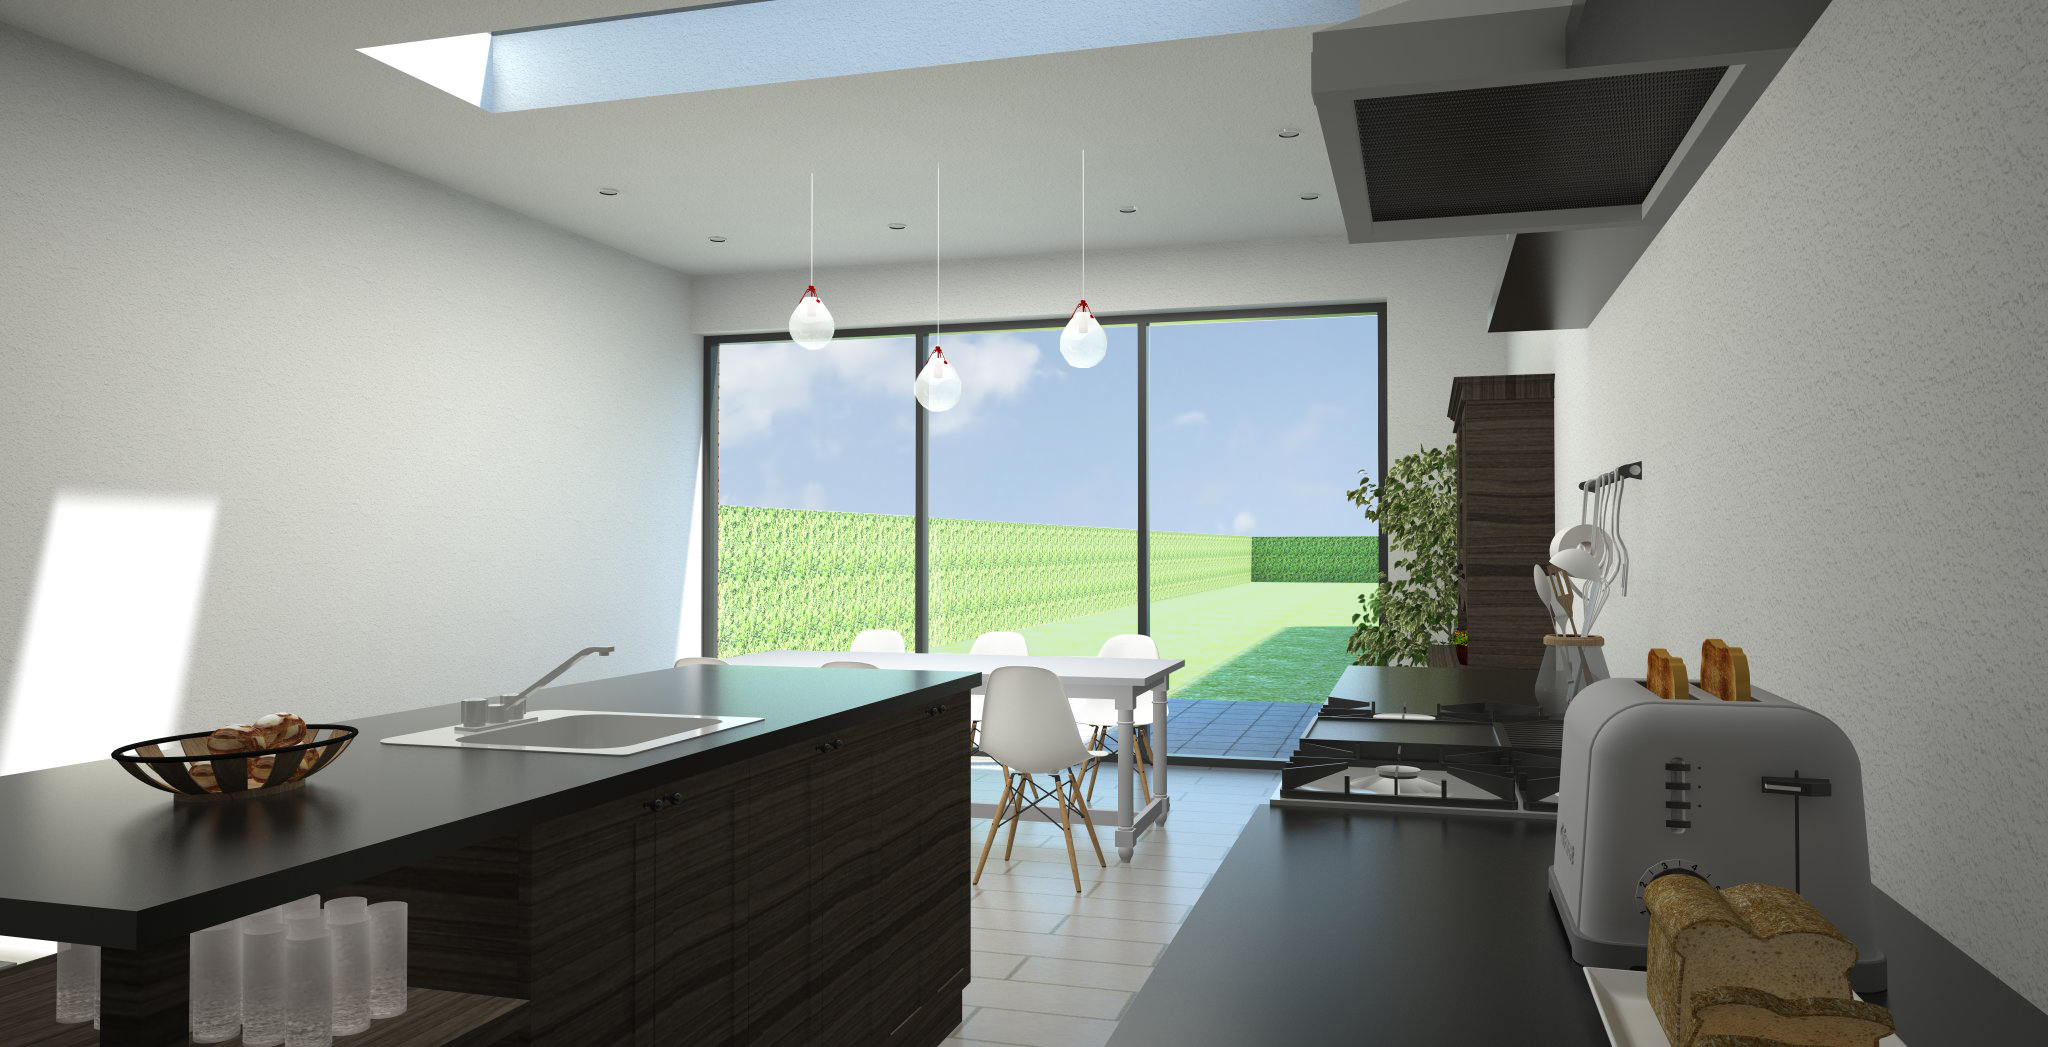 Woonkamer Met Vide : erbouwing bell etage zicht keuken en eetkamer met ...